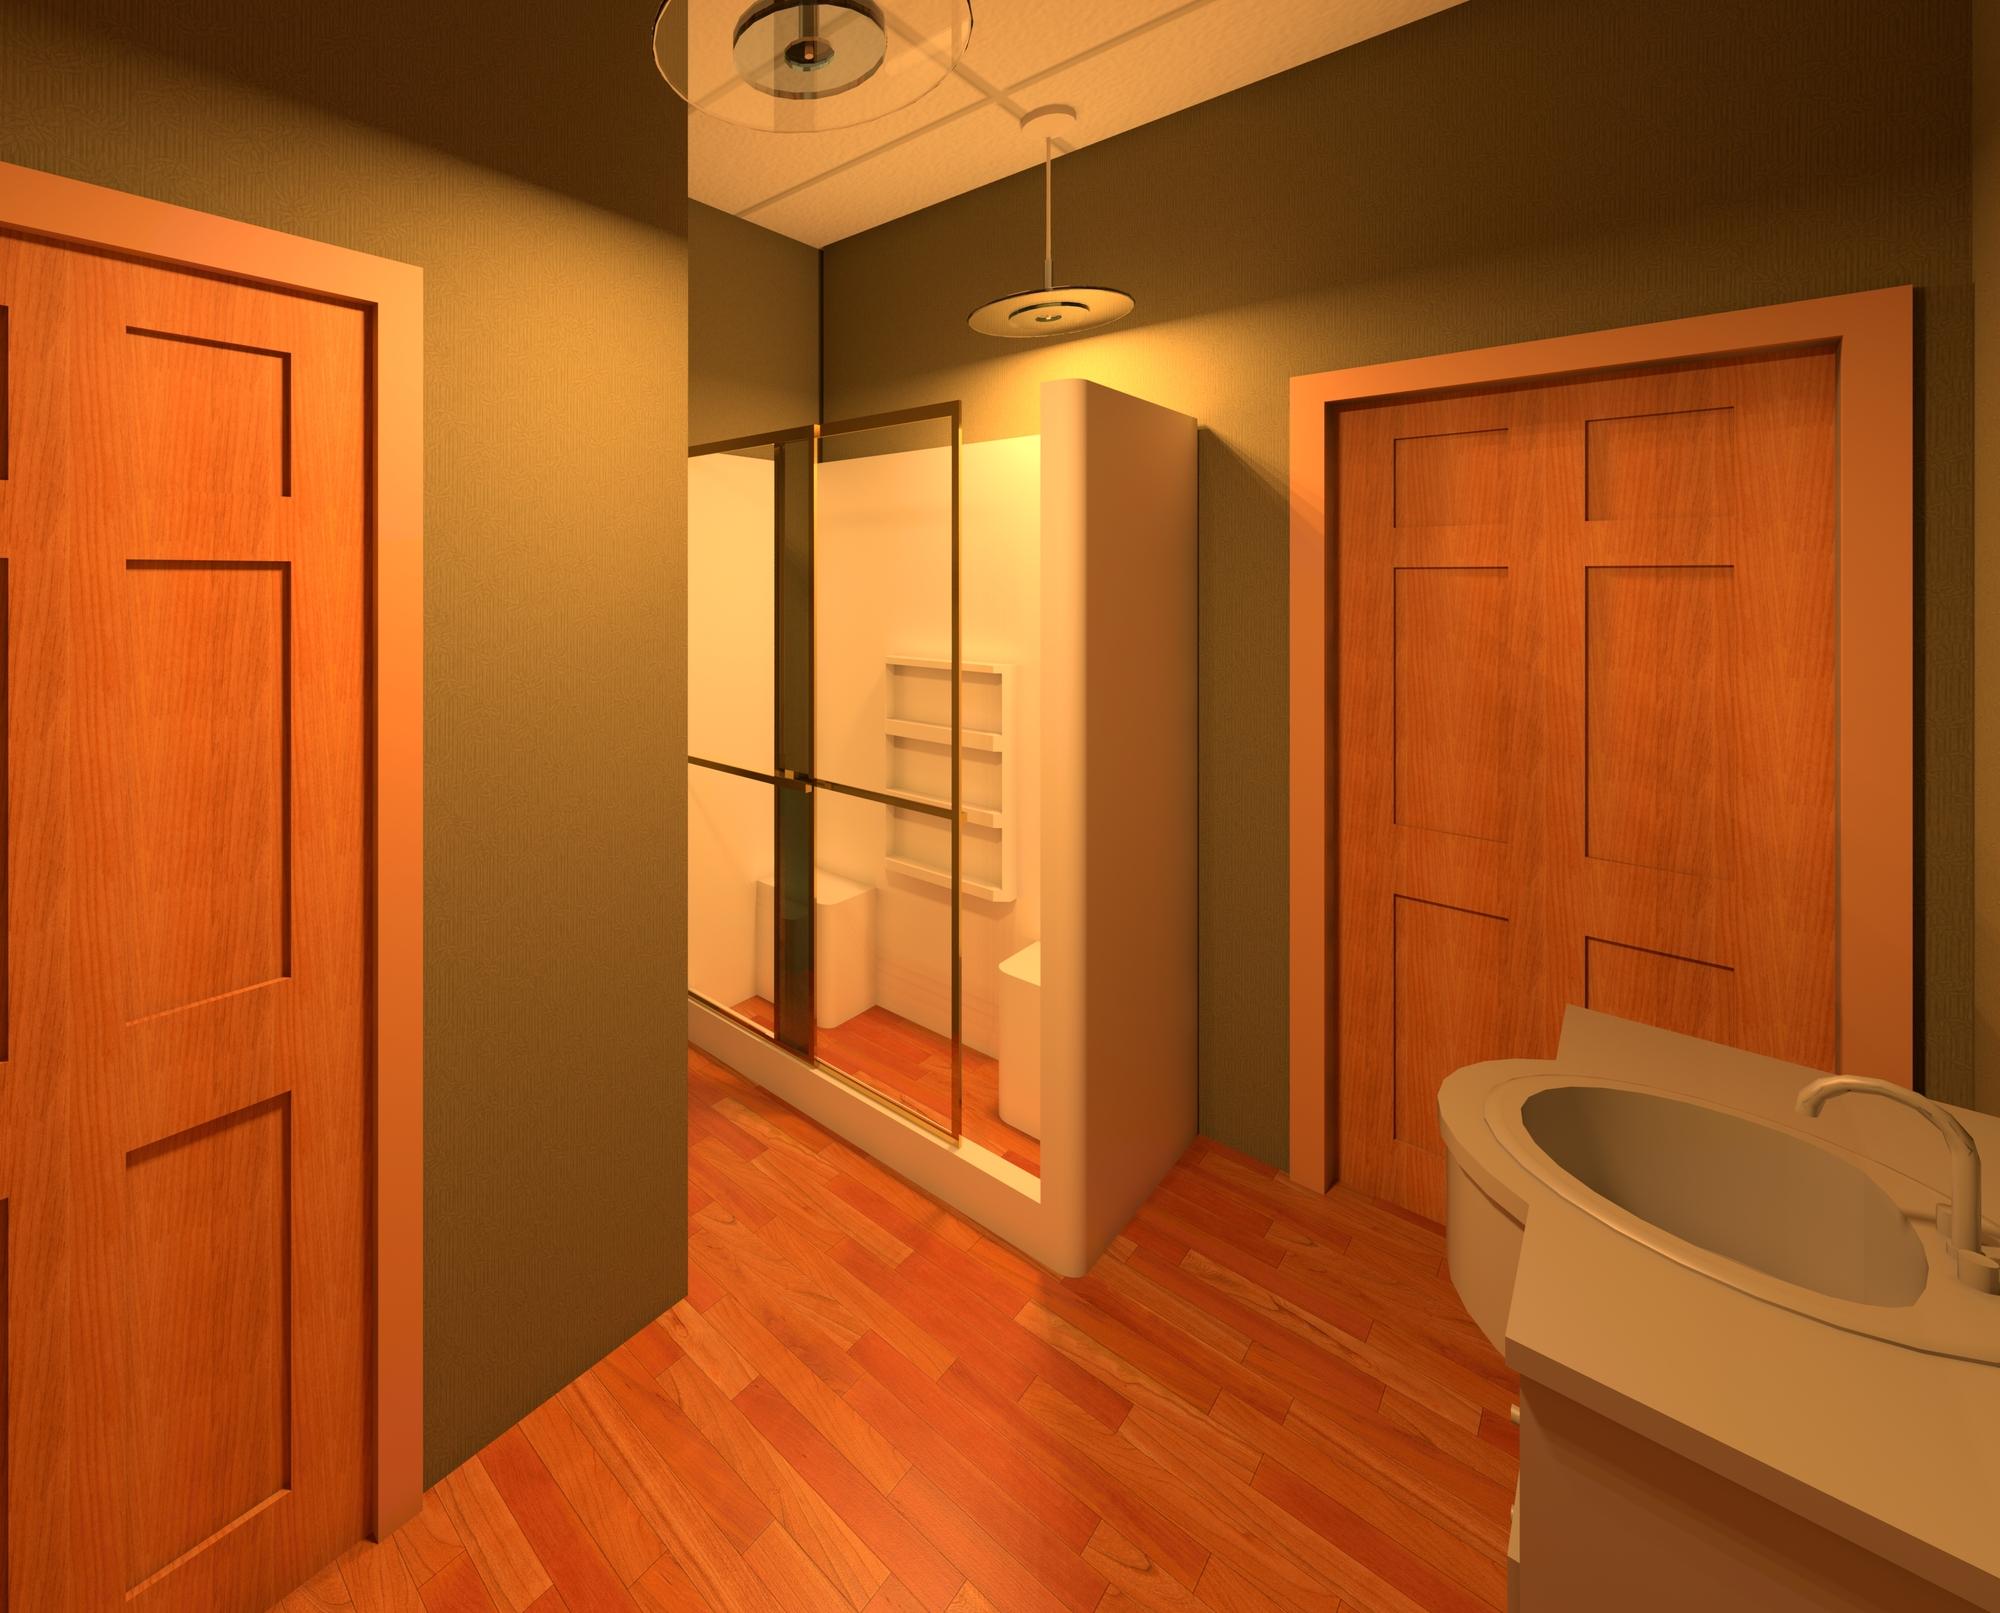 Raas-rendering20140930-6305-1naxb8r